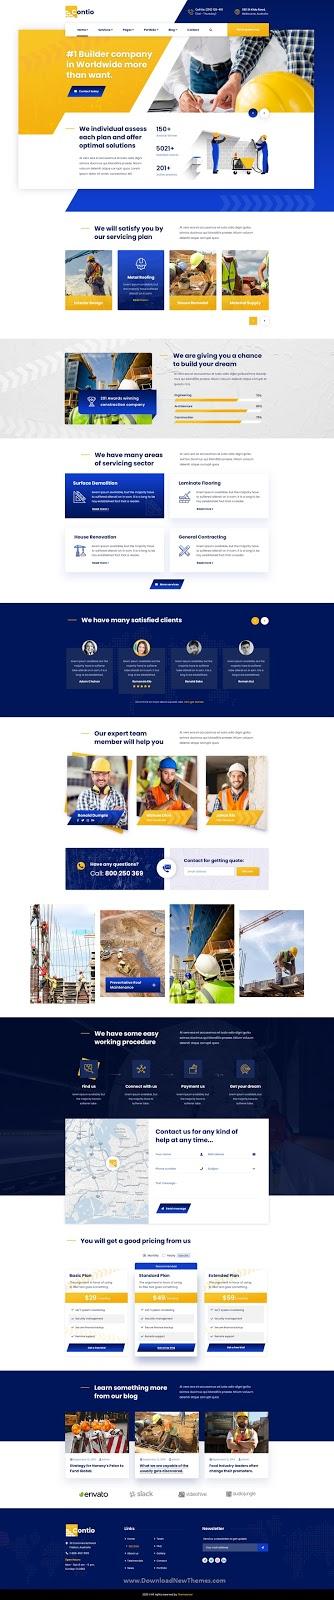 Contio - Construction PSD Template